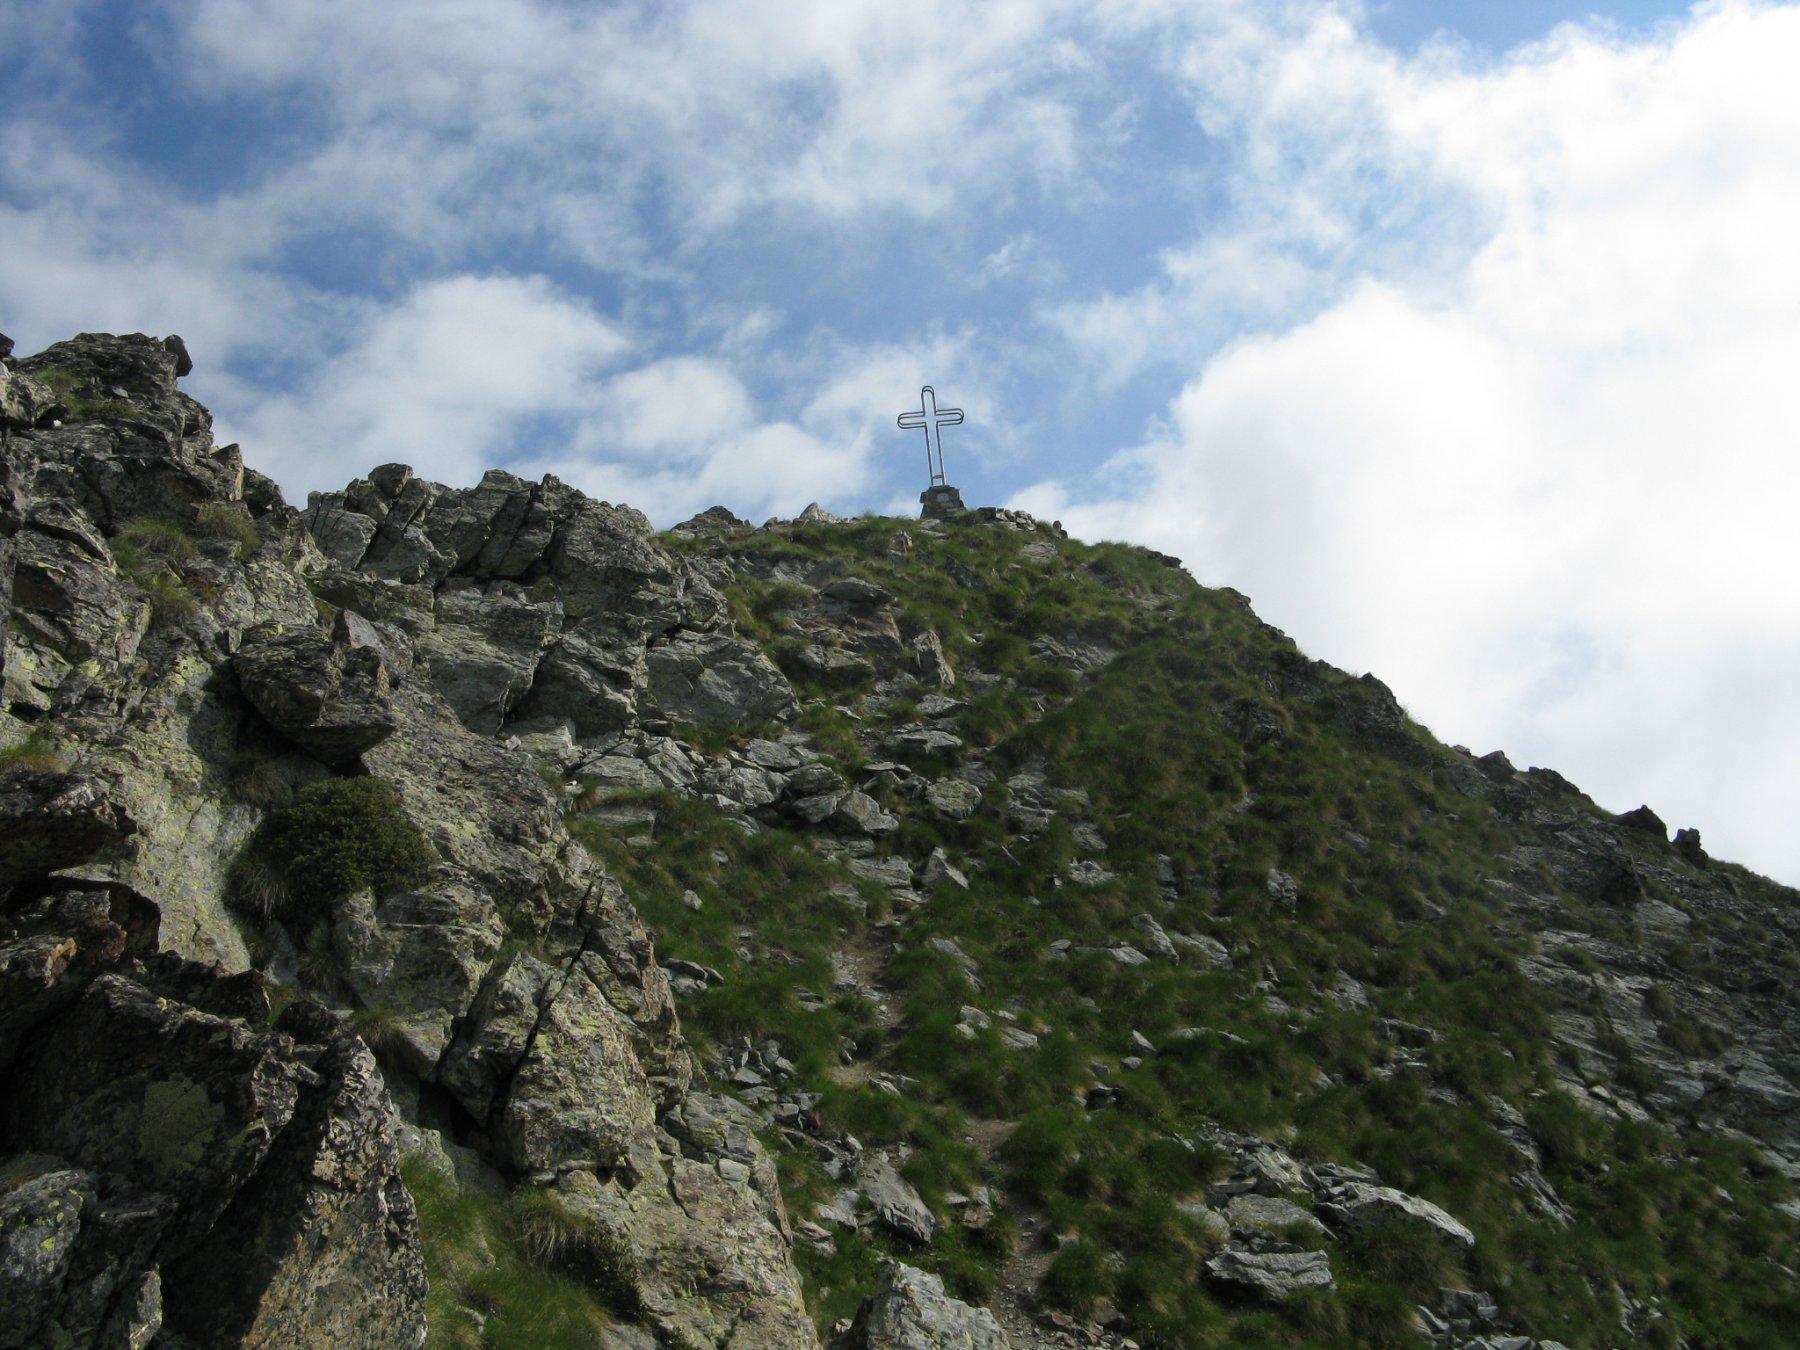 la parte finale della cresta con la croce di vetta